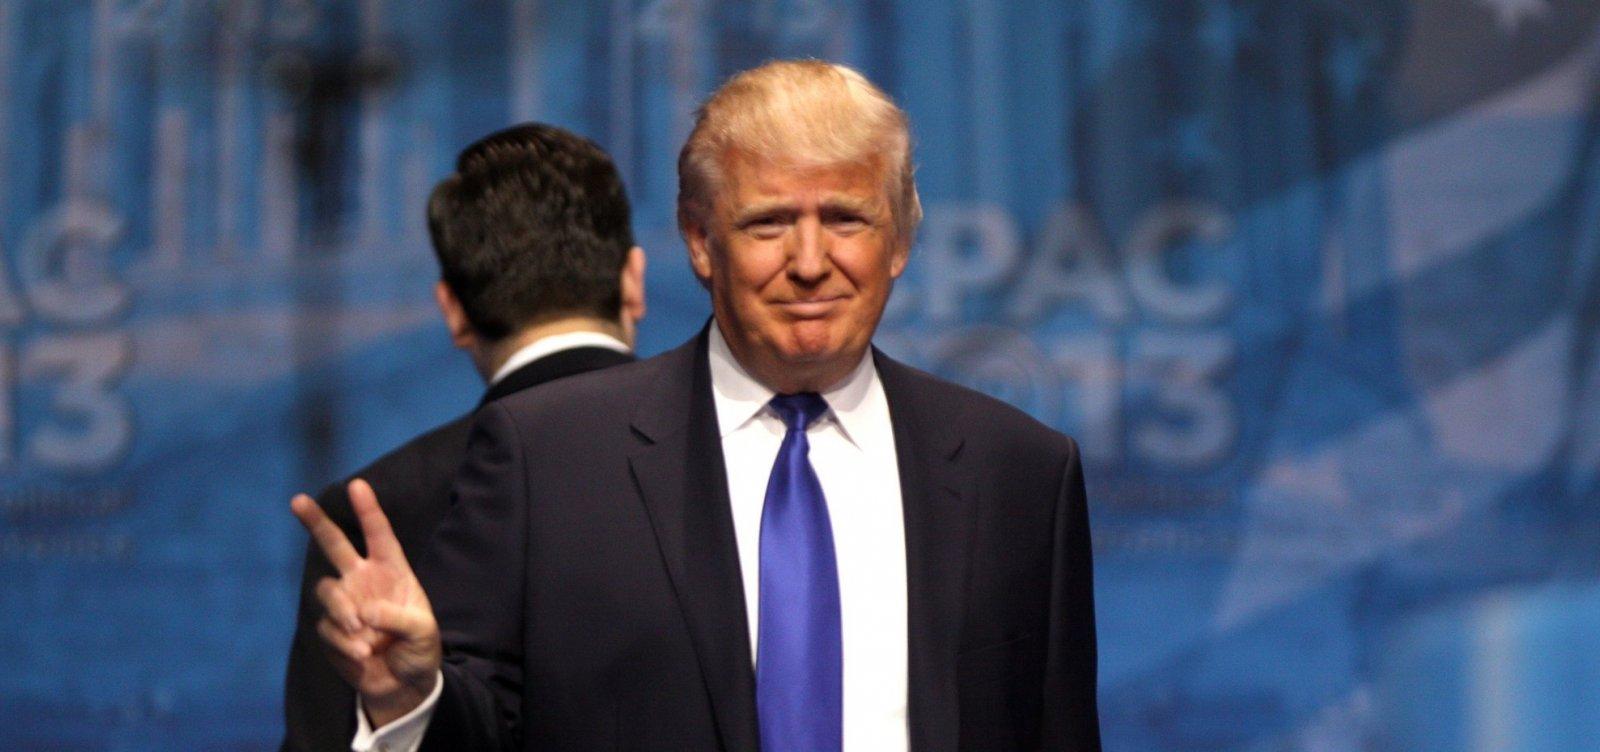 [Após perder maioria na Câmara, Trump diz que teve 'tremendo sucesso' na eleição]